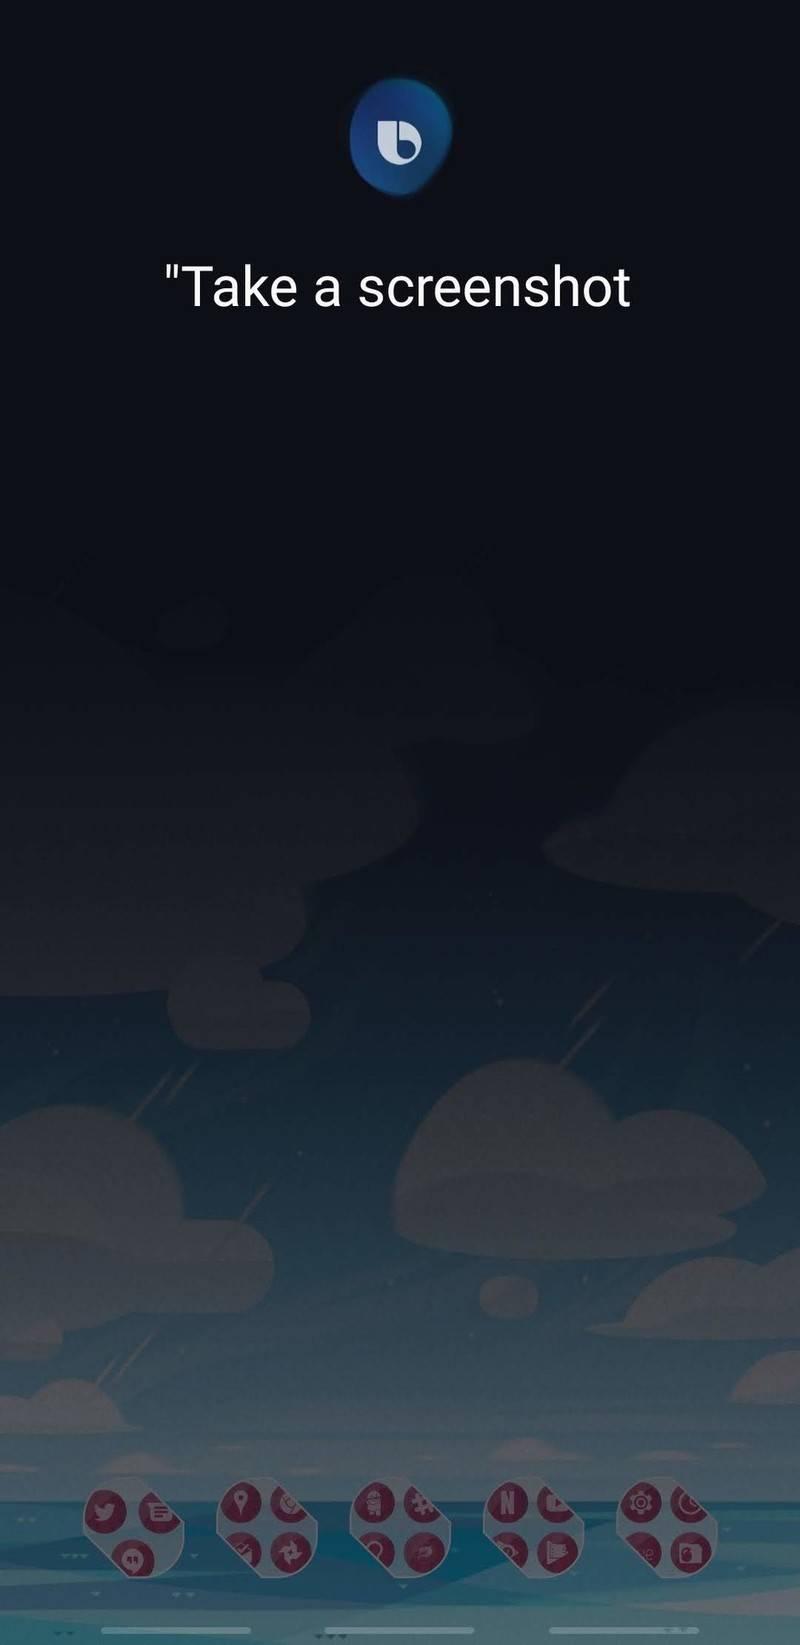 روش گرفتن اسکرین شات با استفاده از Bixby Voice,روشتک,روشتک